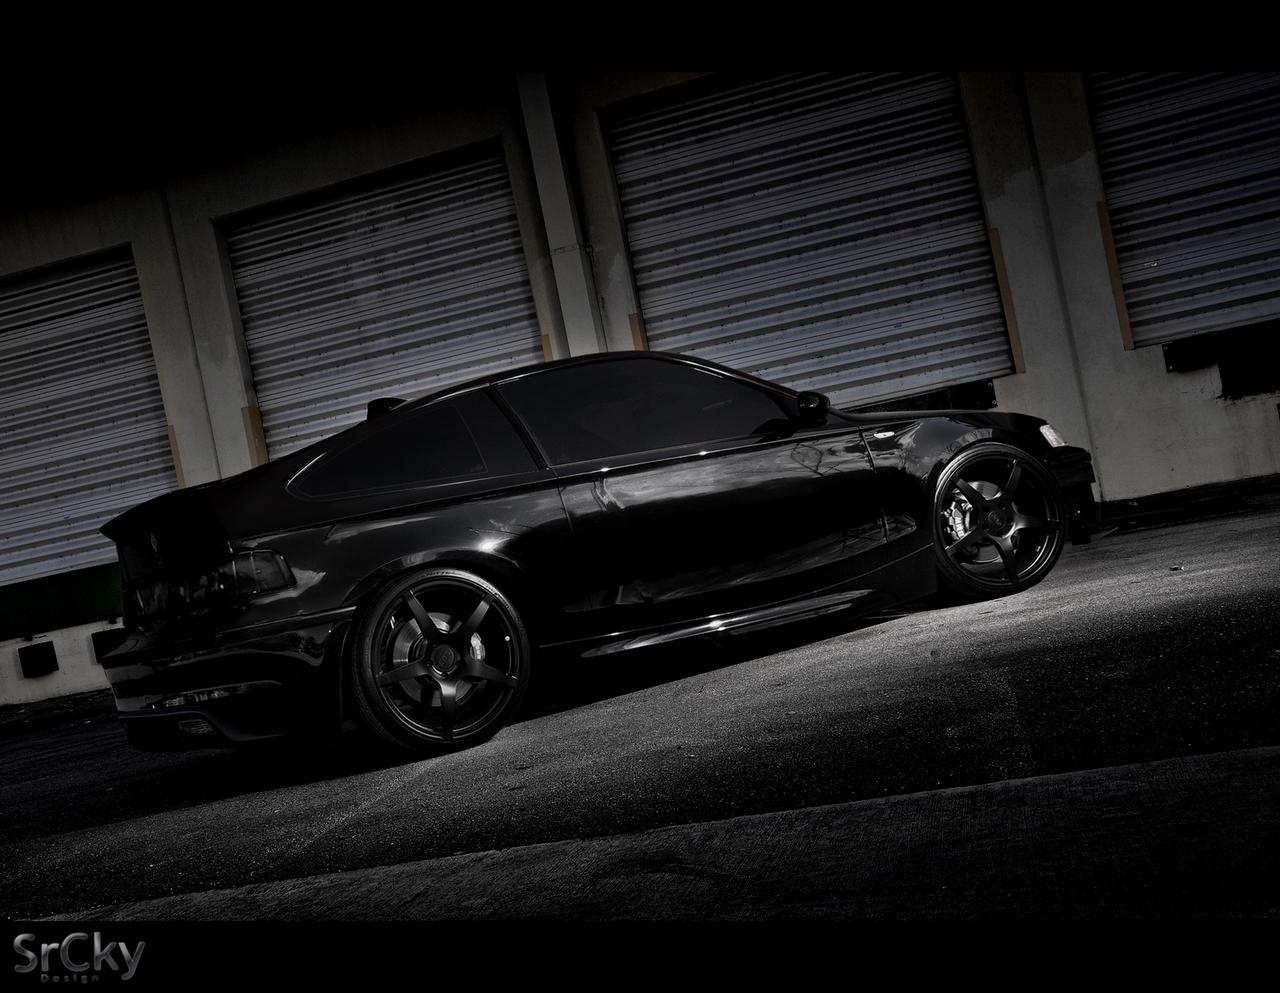 Honda CRX by SrCky